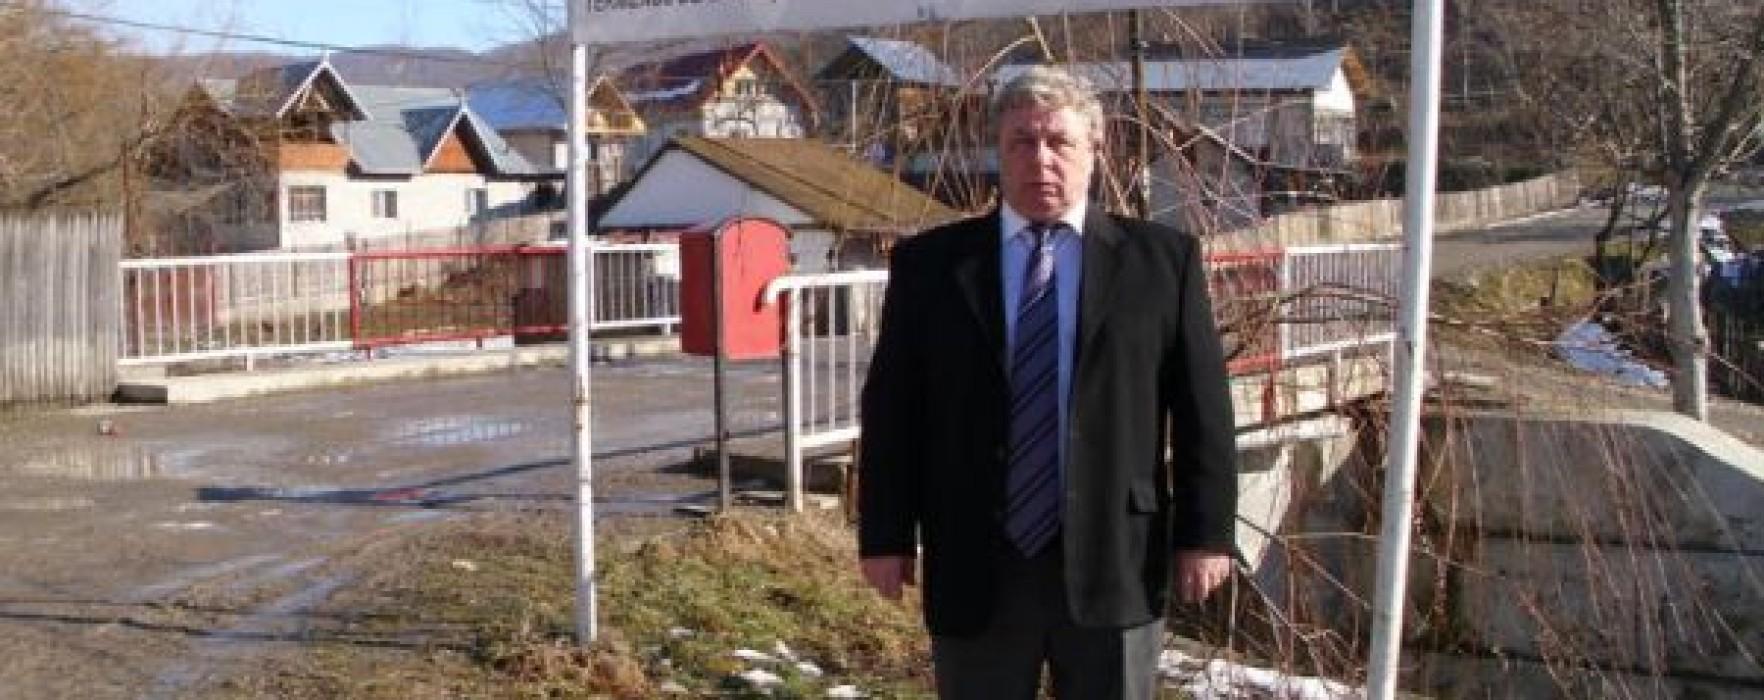 Anchetă penală la Primăria Glodeni pentru abuz în serviciu